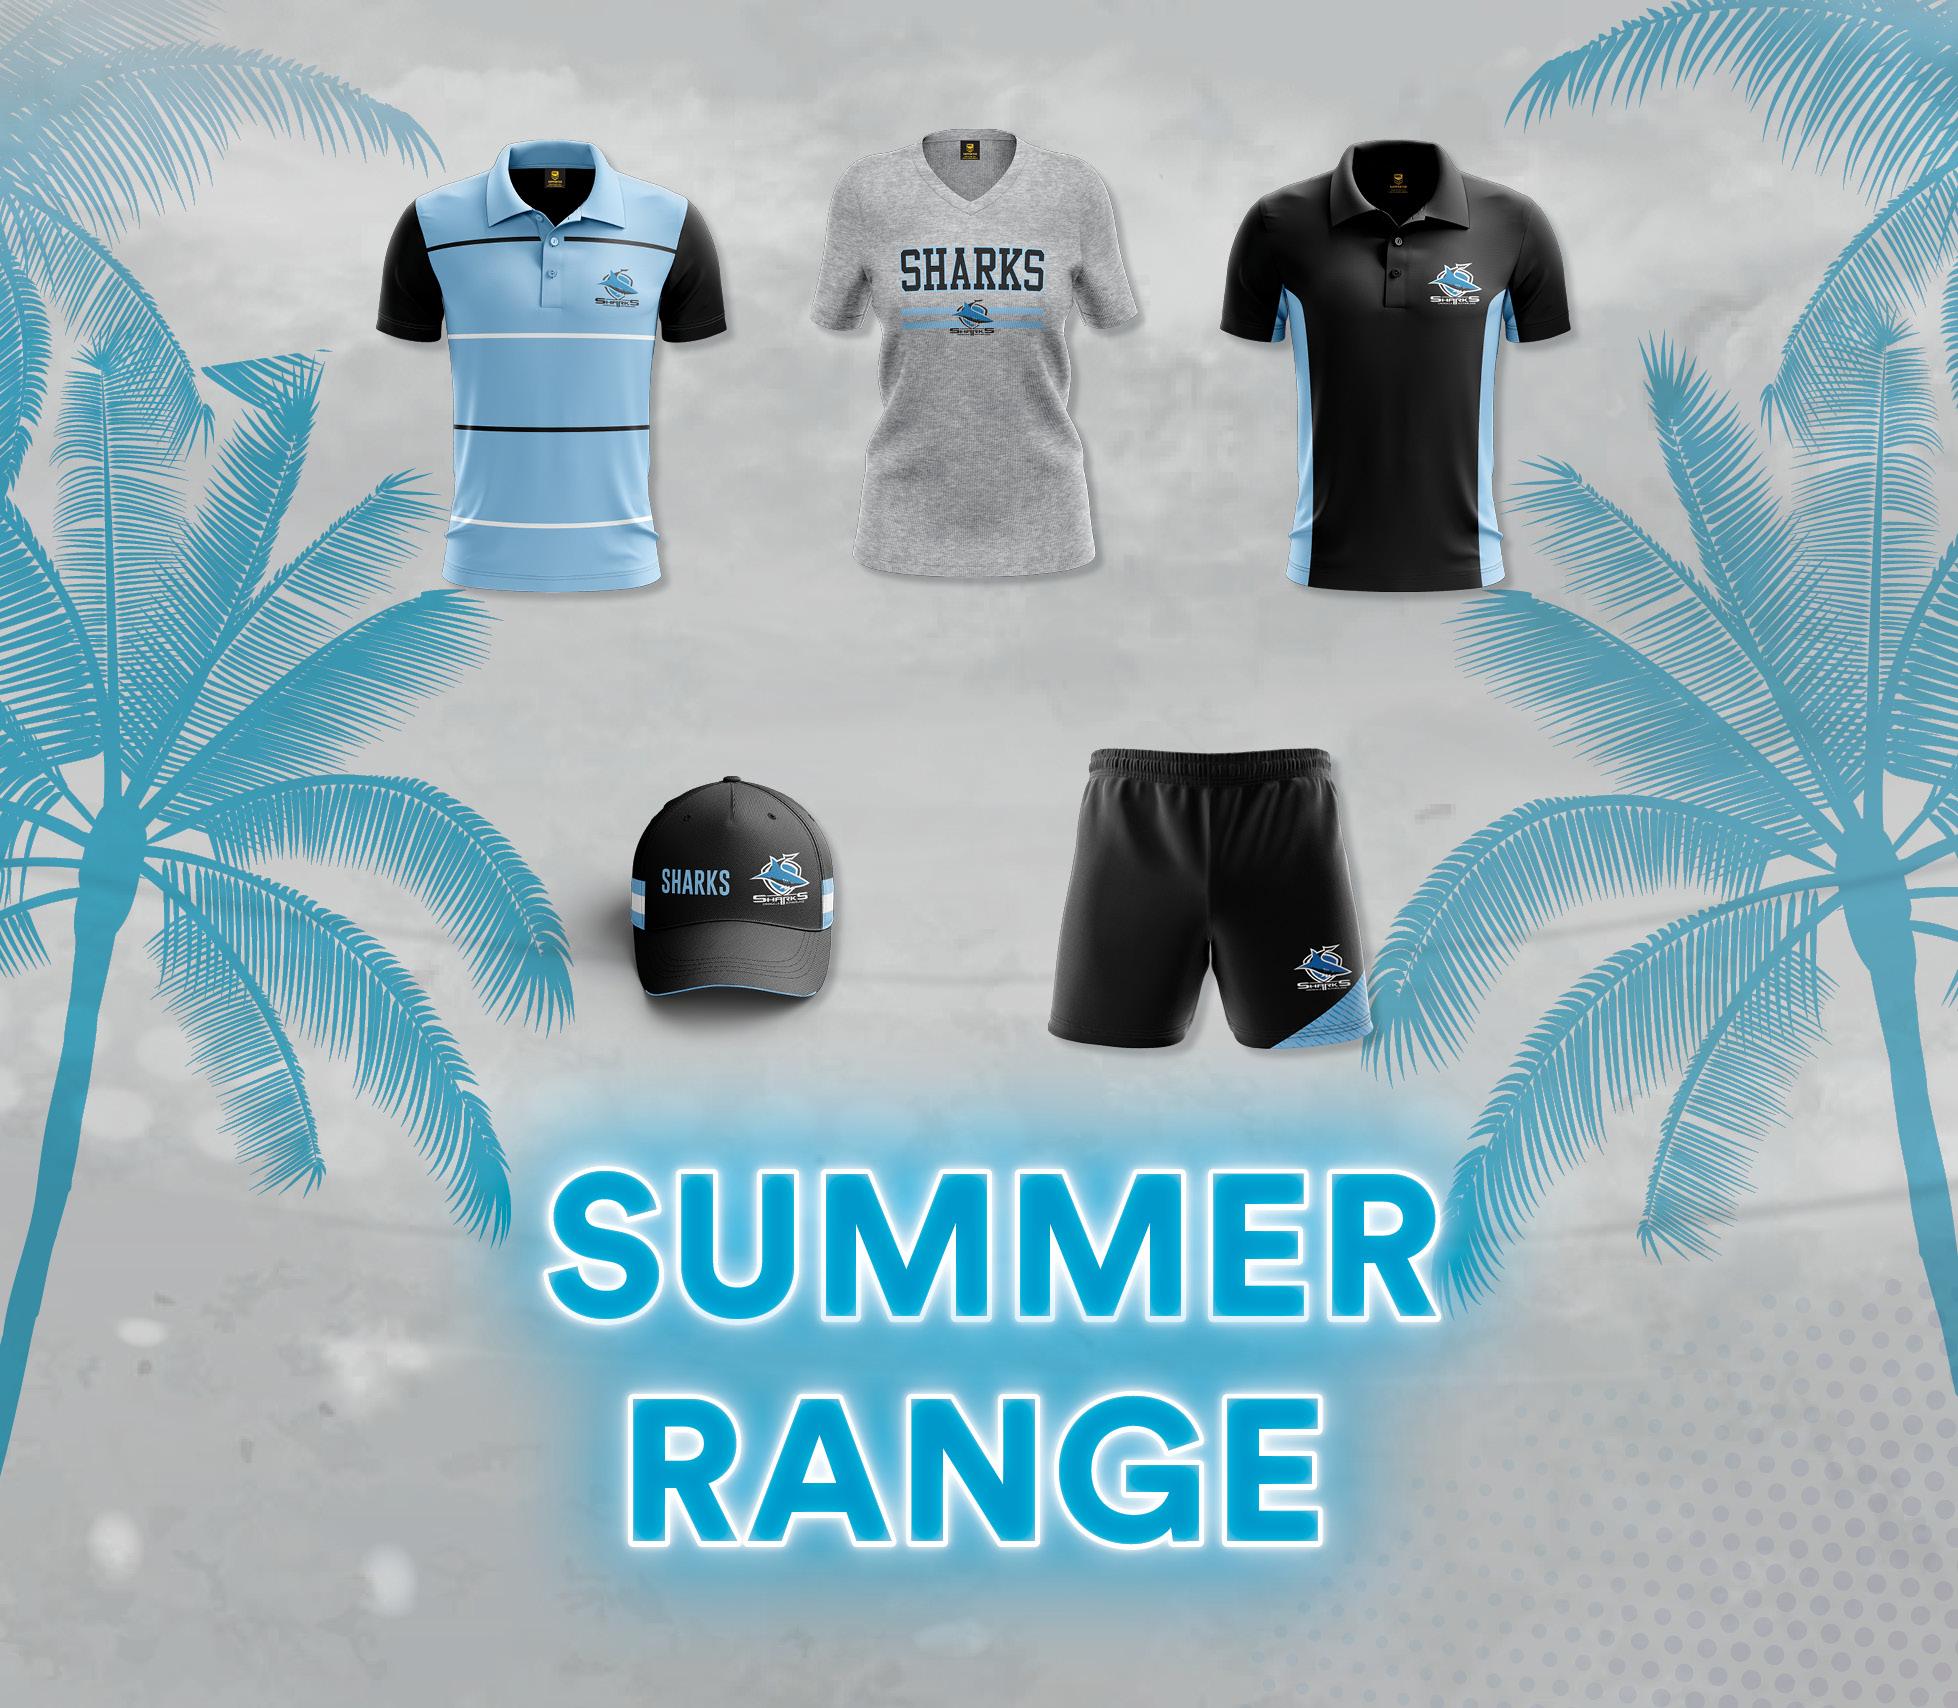 sharks-summer-range-940x820-.jpg